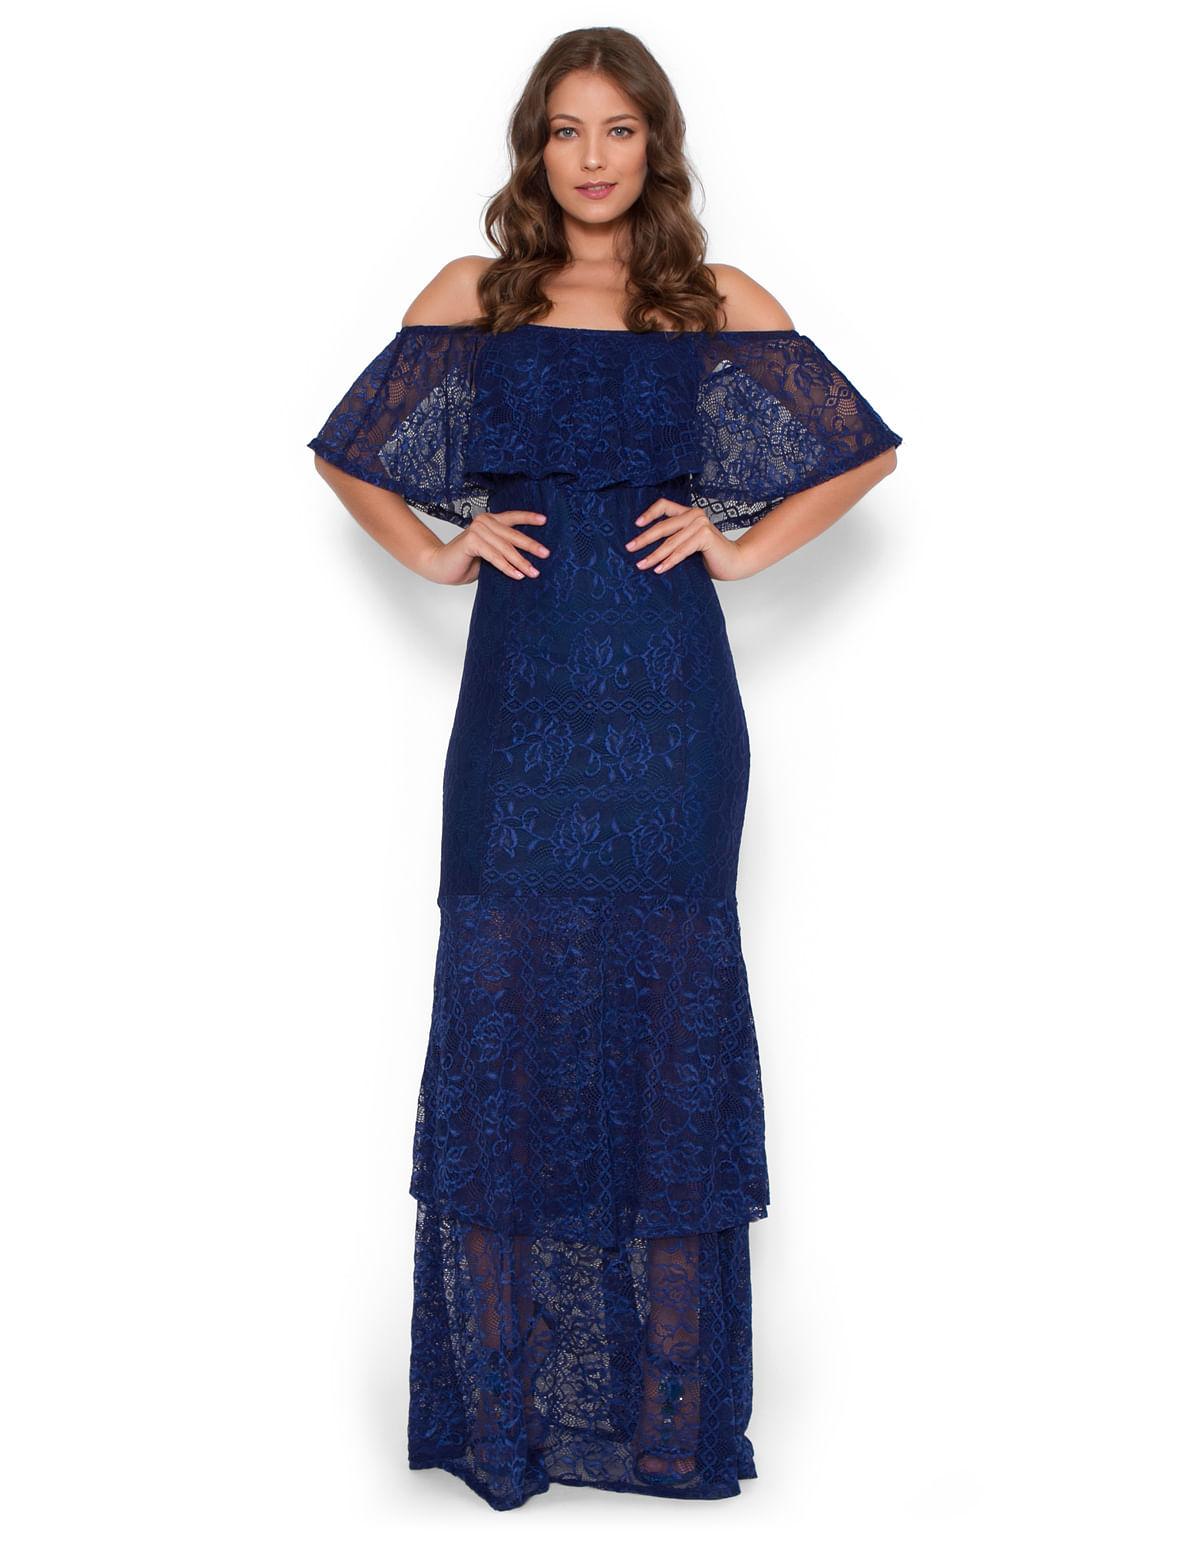 f5b9232c4 Vestido longo ciganinha babados azul marinho - LucyintheSky